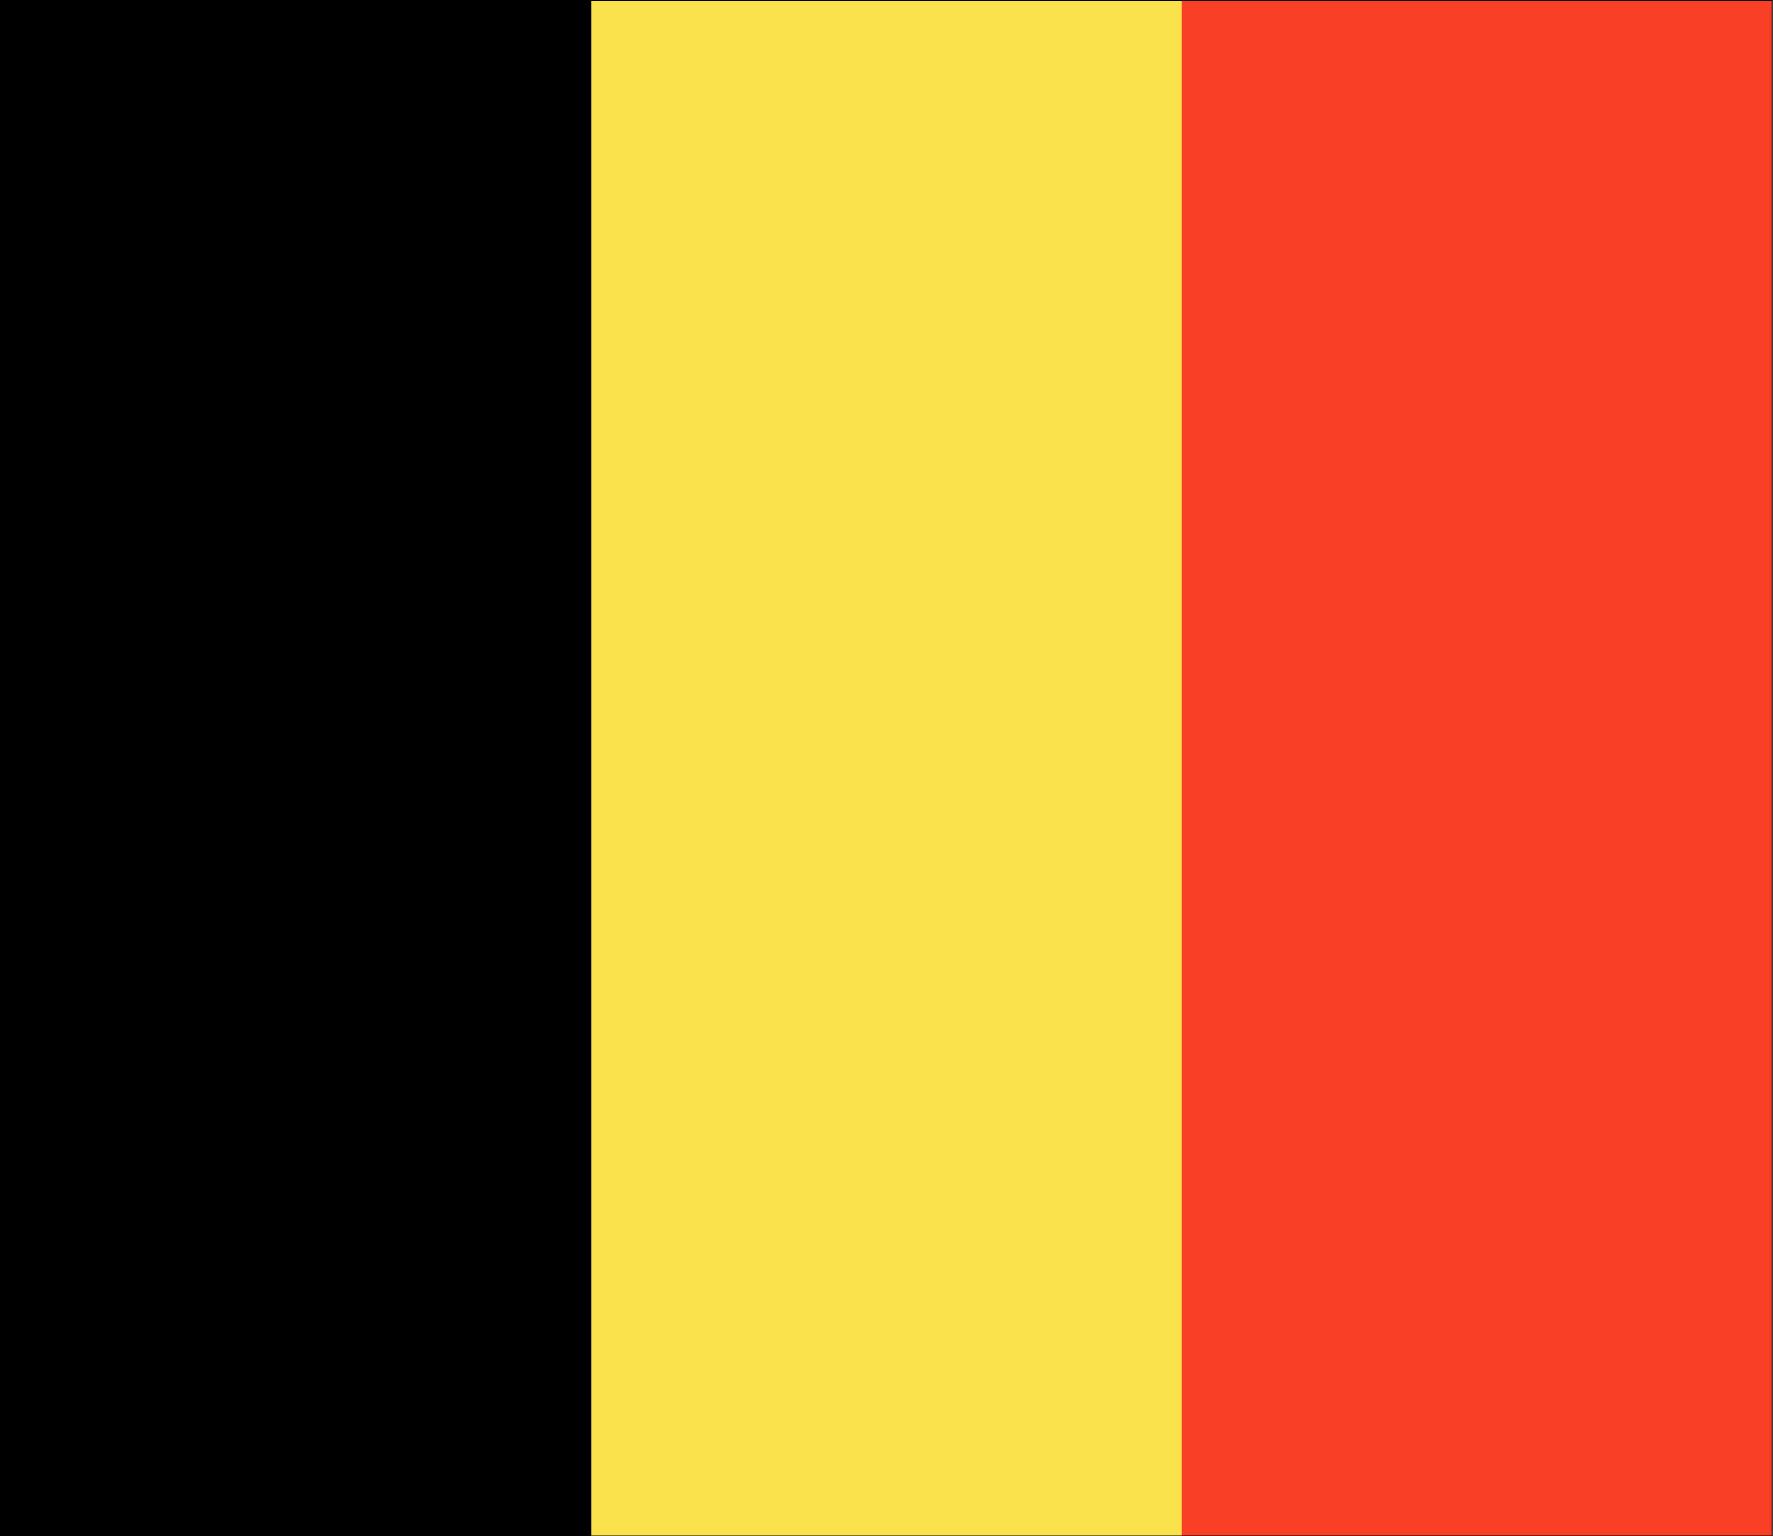 Reino da Bélgica